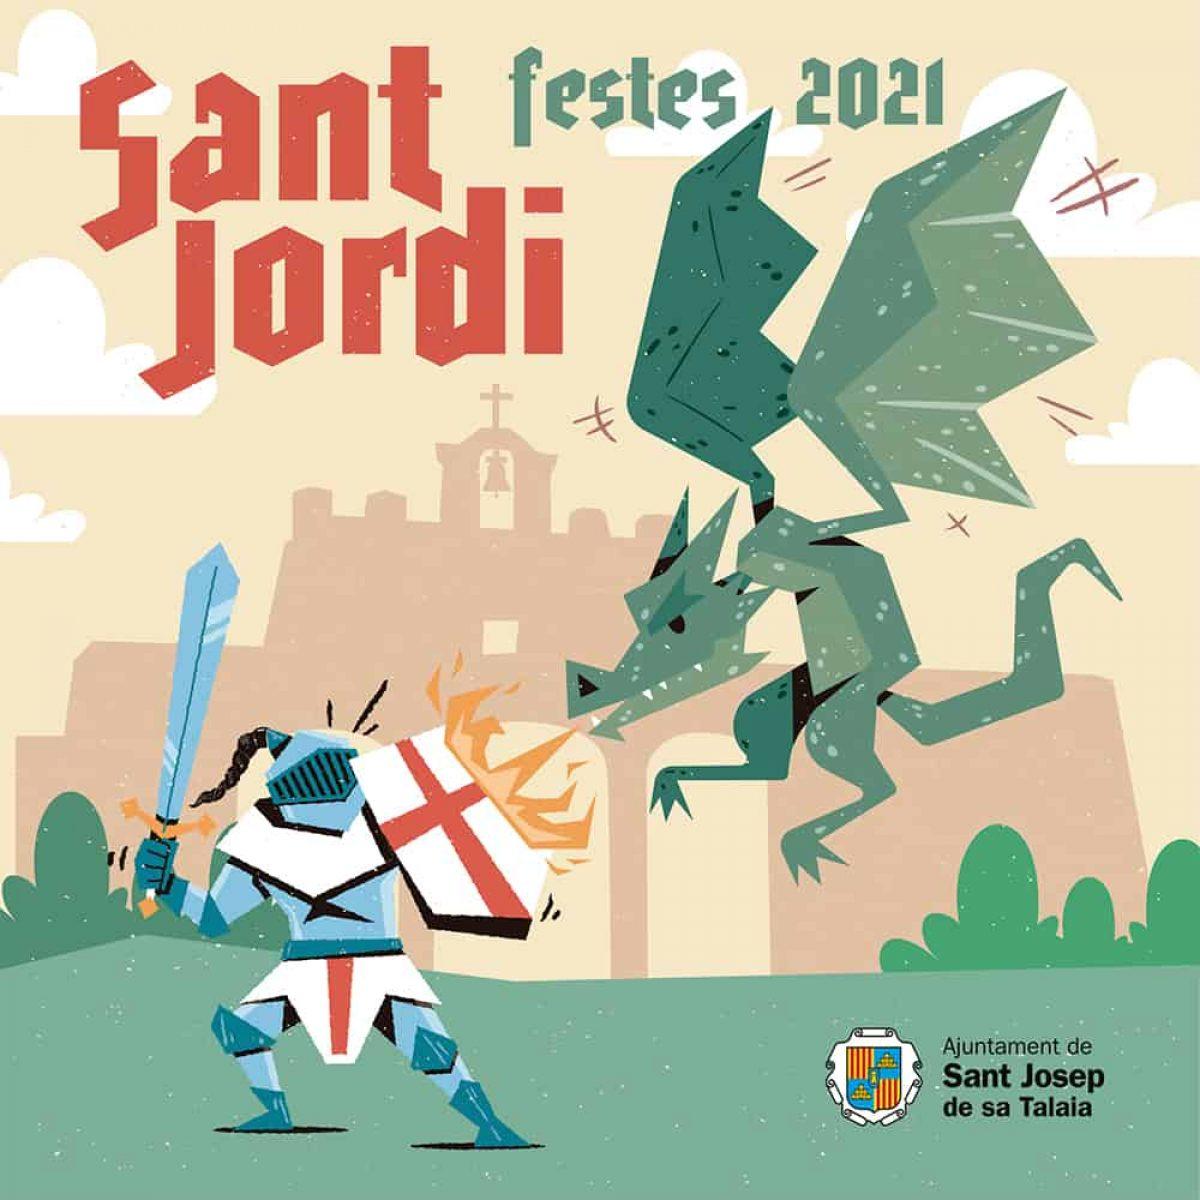 fiestas-de-sant-jordi-2021-ibiza-welcometoibiza